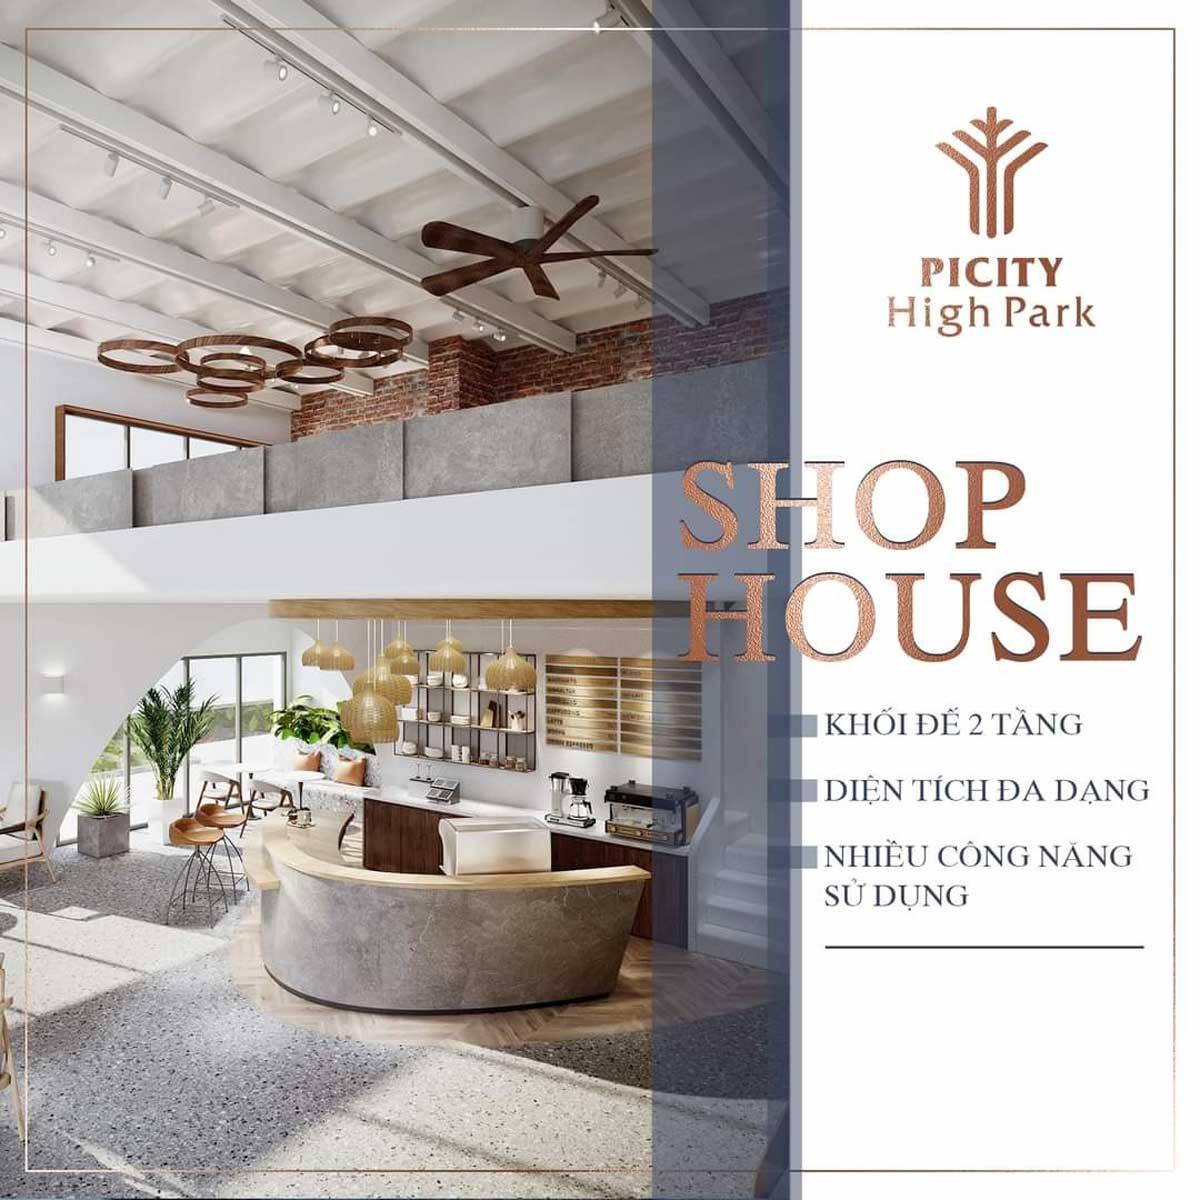 shophouse picity 1 - Shophouse Picity High Park